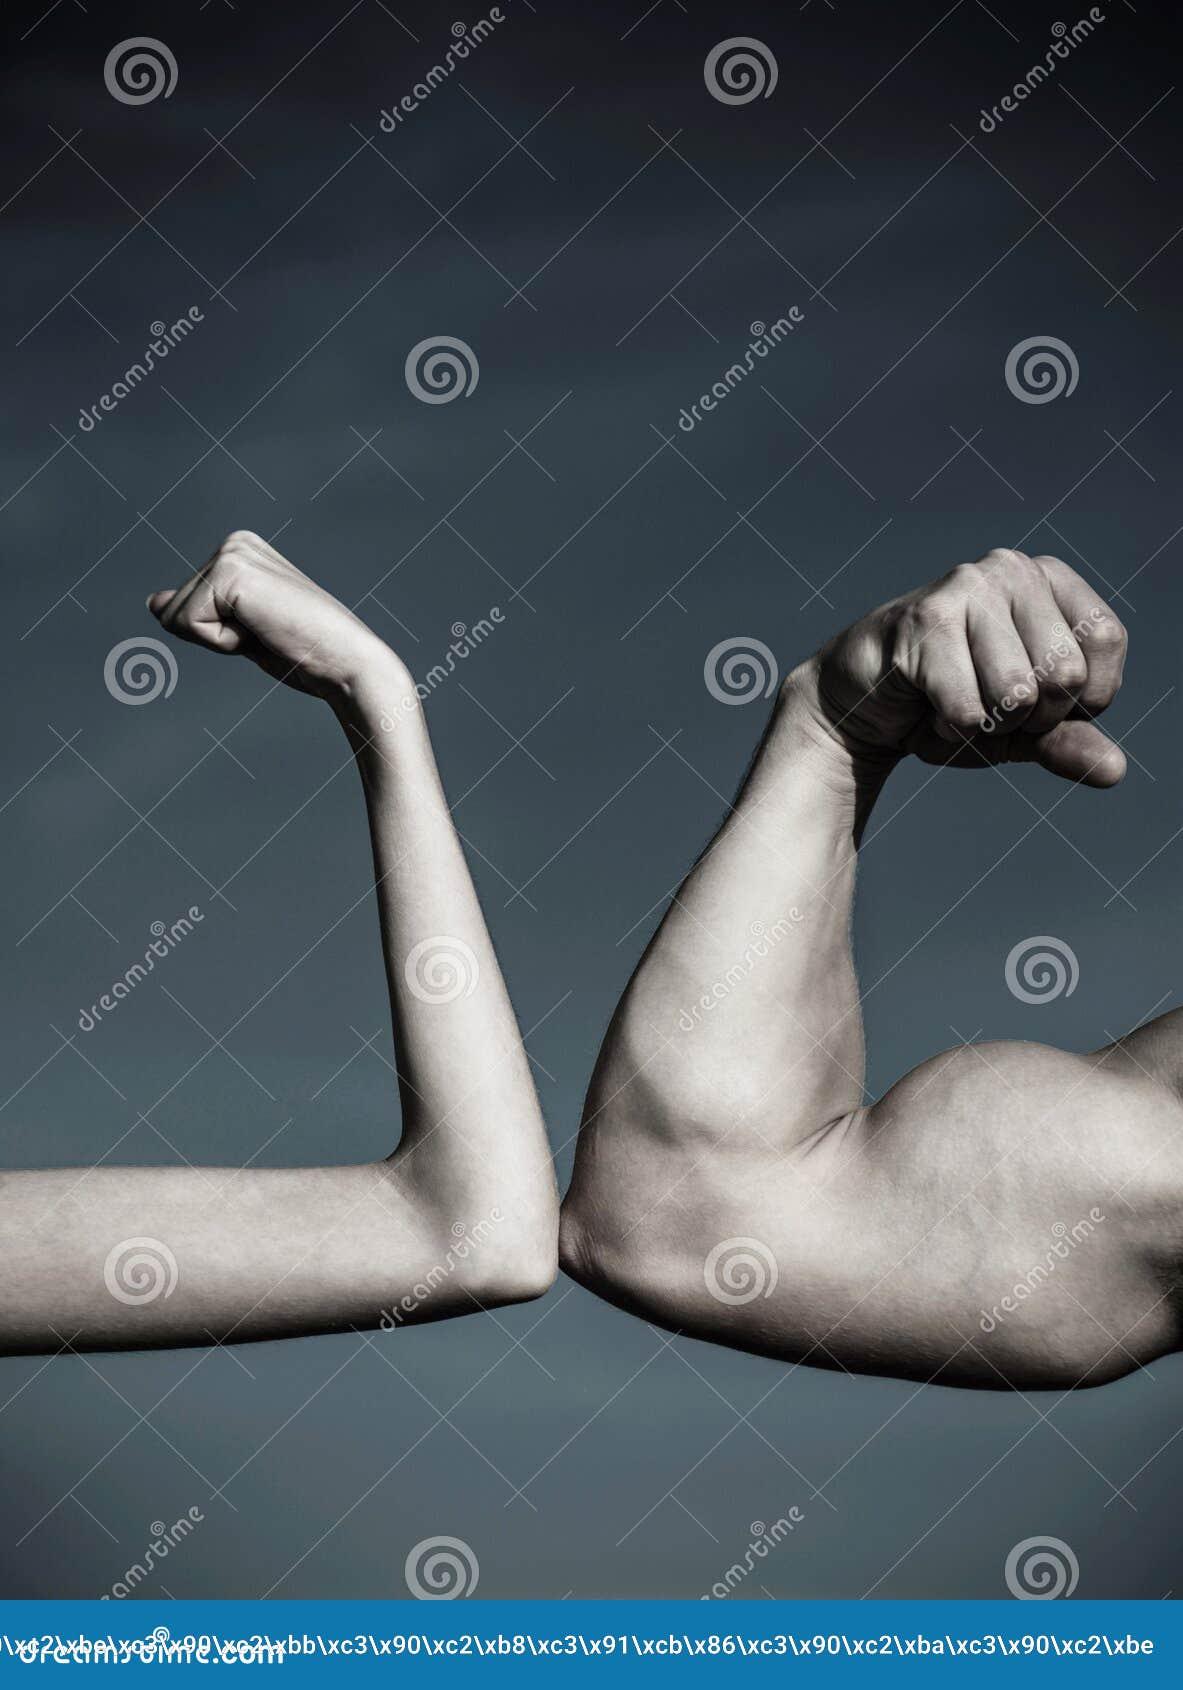 Rivalidad, contra, desafío, comparación de la fuerza Brazo muscular contra la mano débil Contra, lucha difícilmente Competencia,